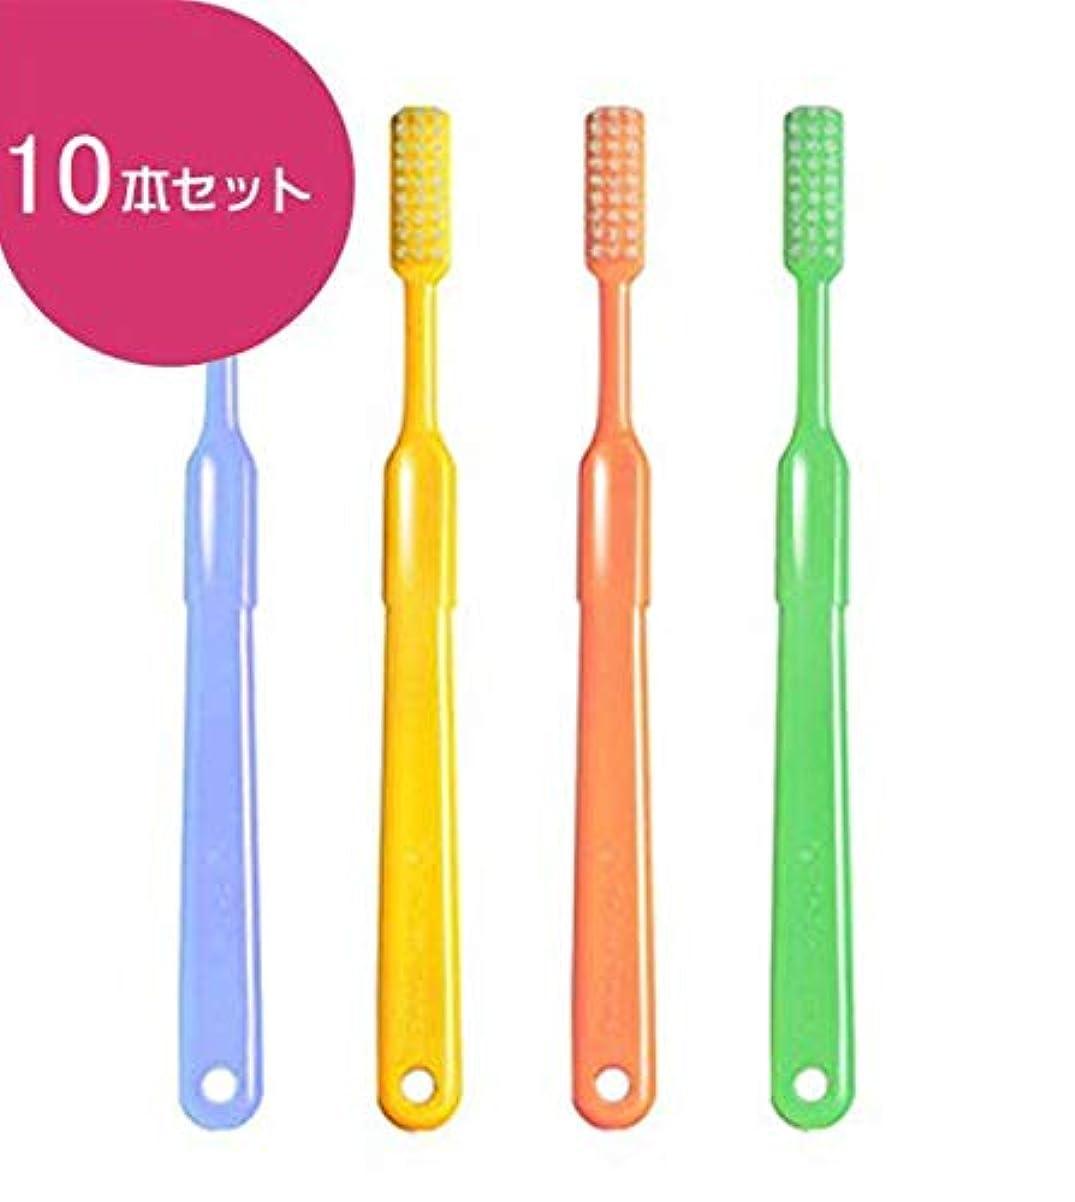 パットノベルティレザービーブランド ドクター ビーヤング 歯ブラシ 10本 (ヤング)